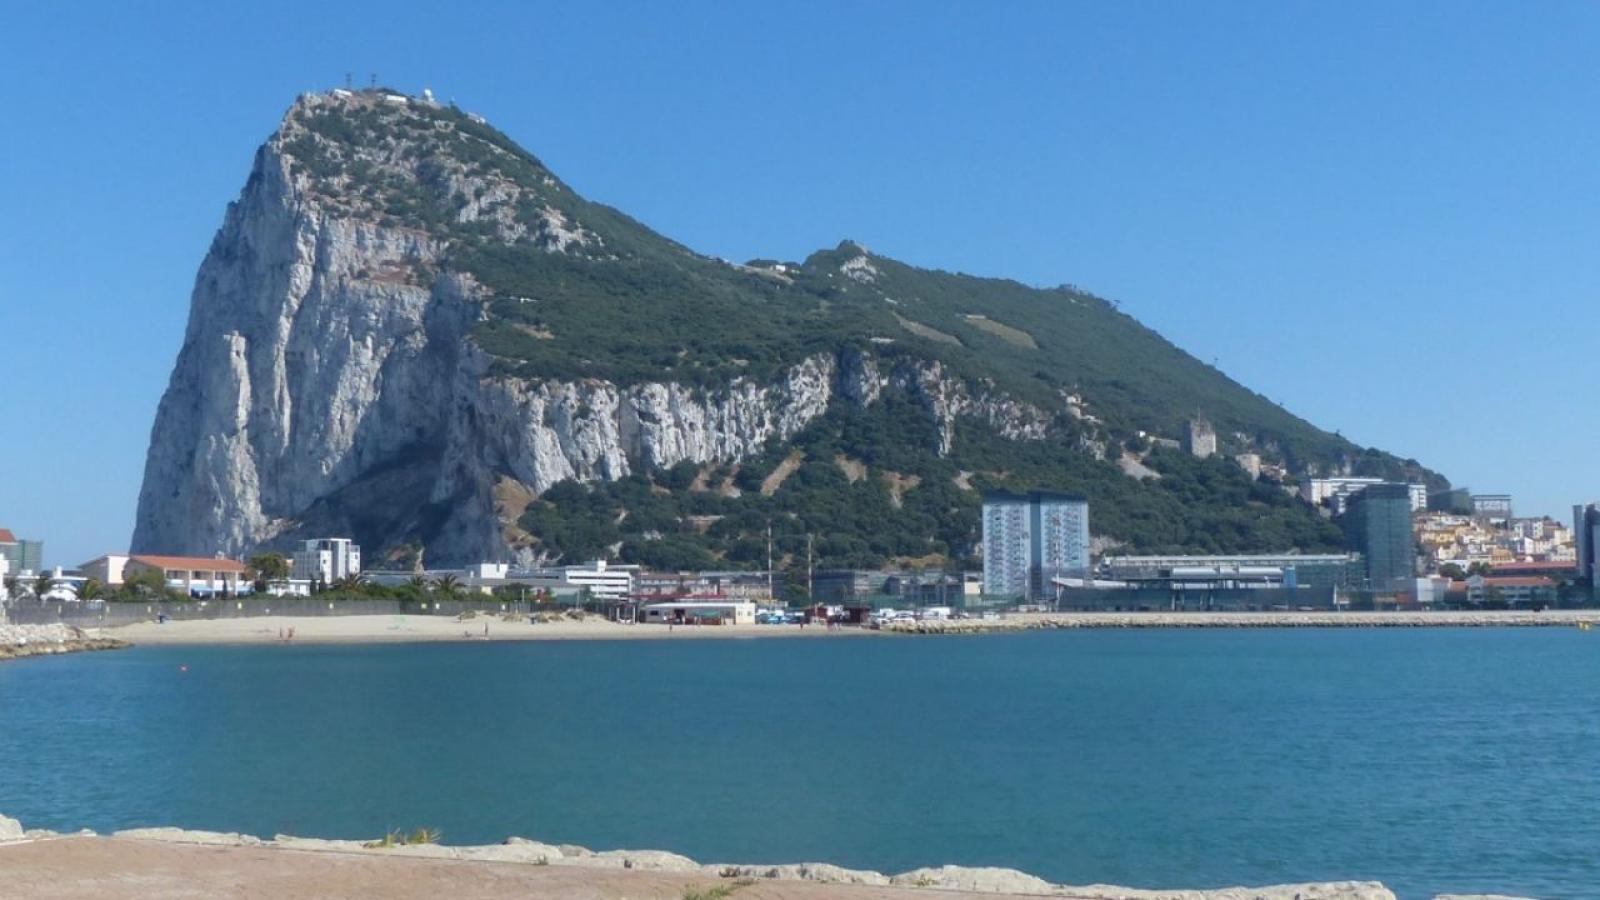 La liga de fútbol de Gibraltar se fundó en 1907, 22 años antes que la española.